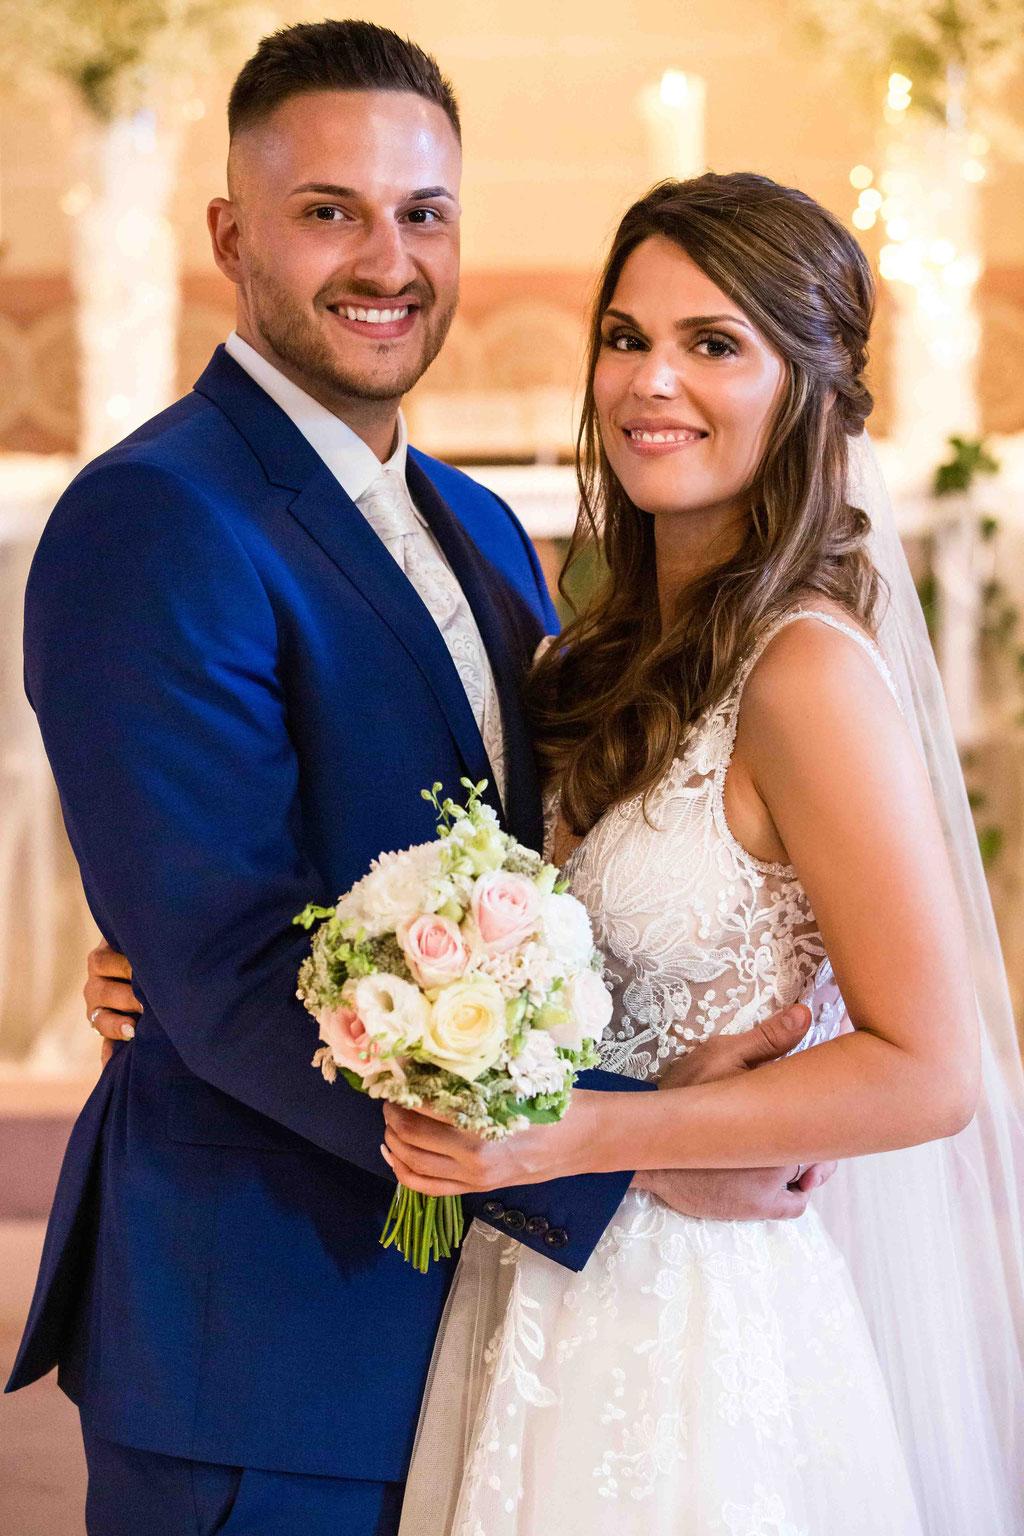 Ehepaar Bilder, Bilder vom Brautpaar, Paarshooting eurer Hochzeit, Hochzeitsbild